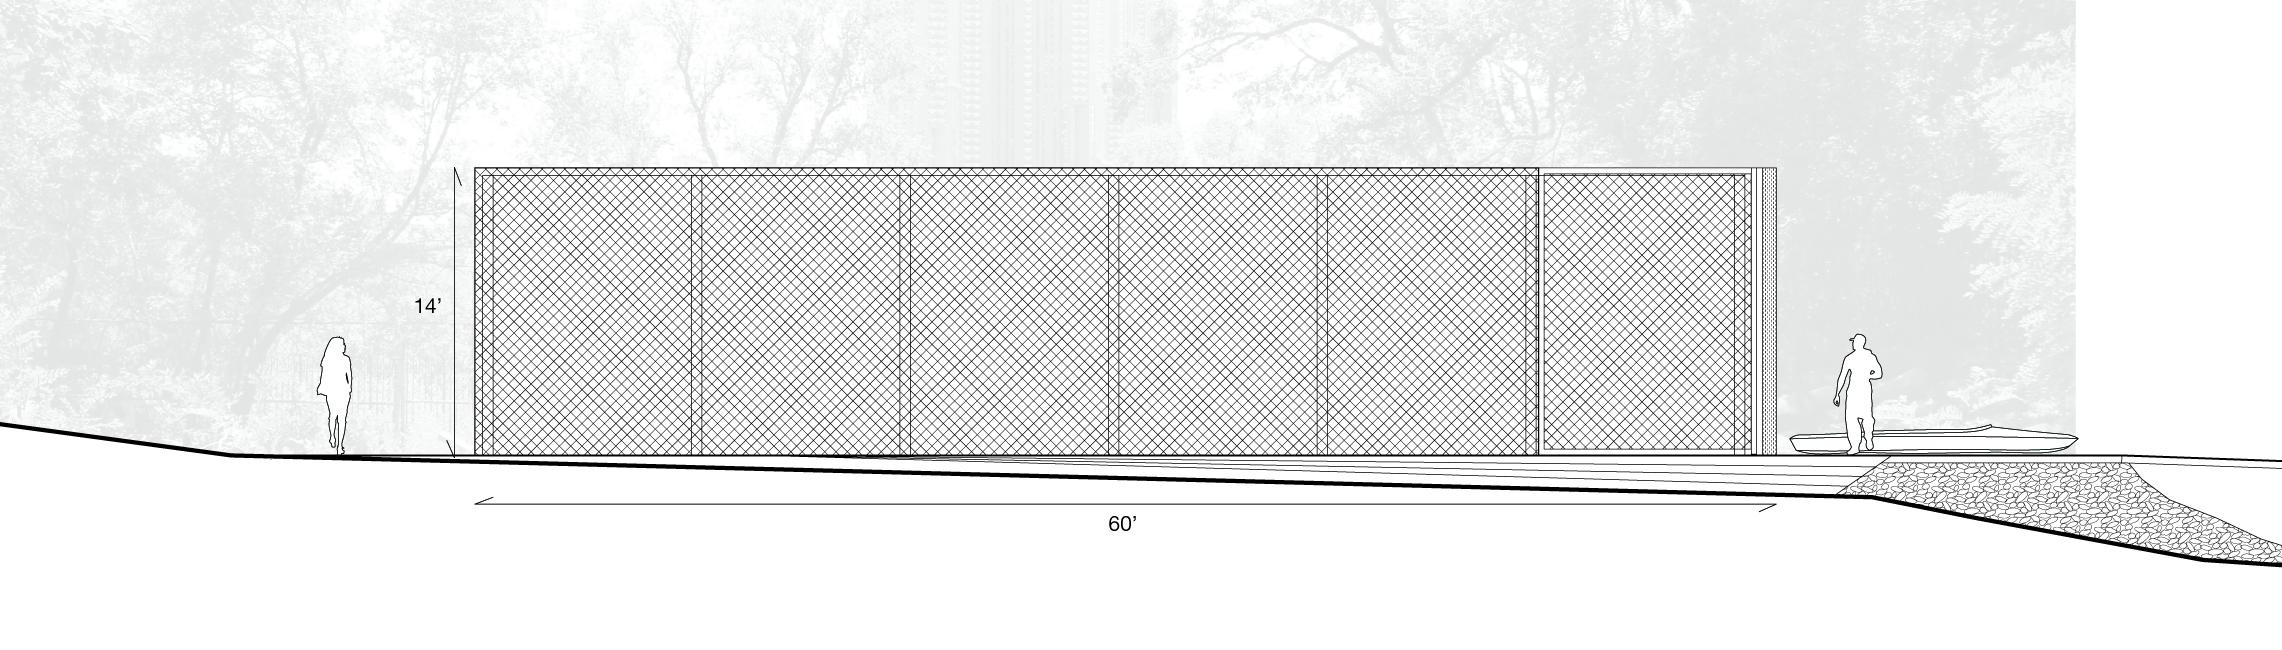 bothouse elevation-01-01.jpg